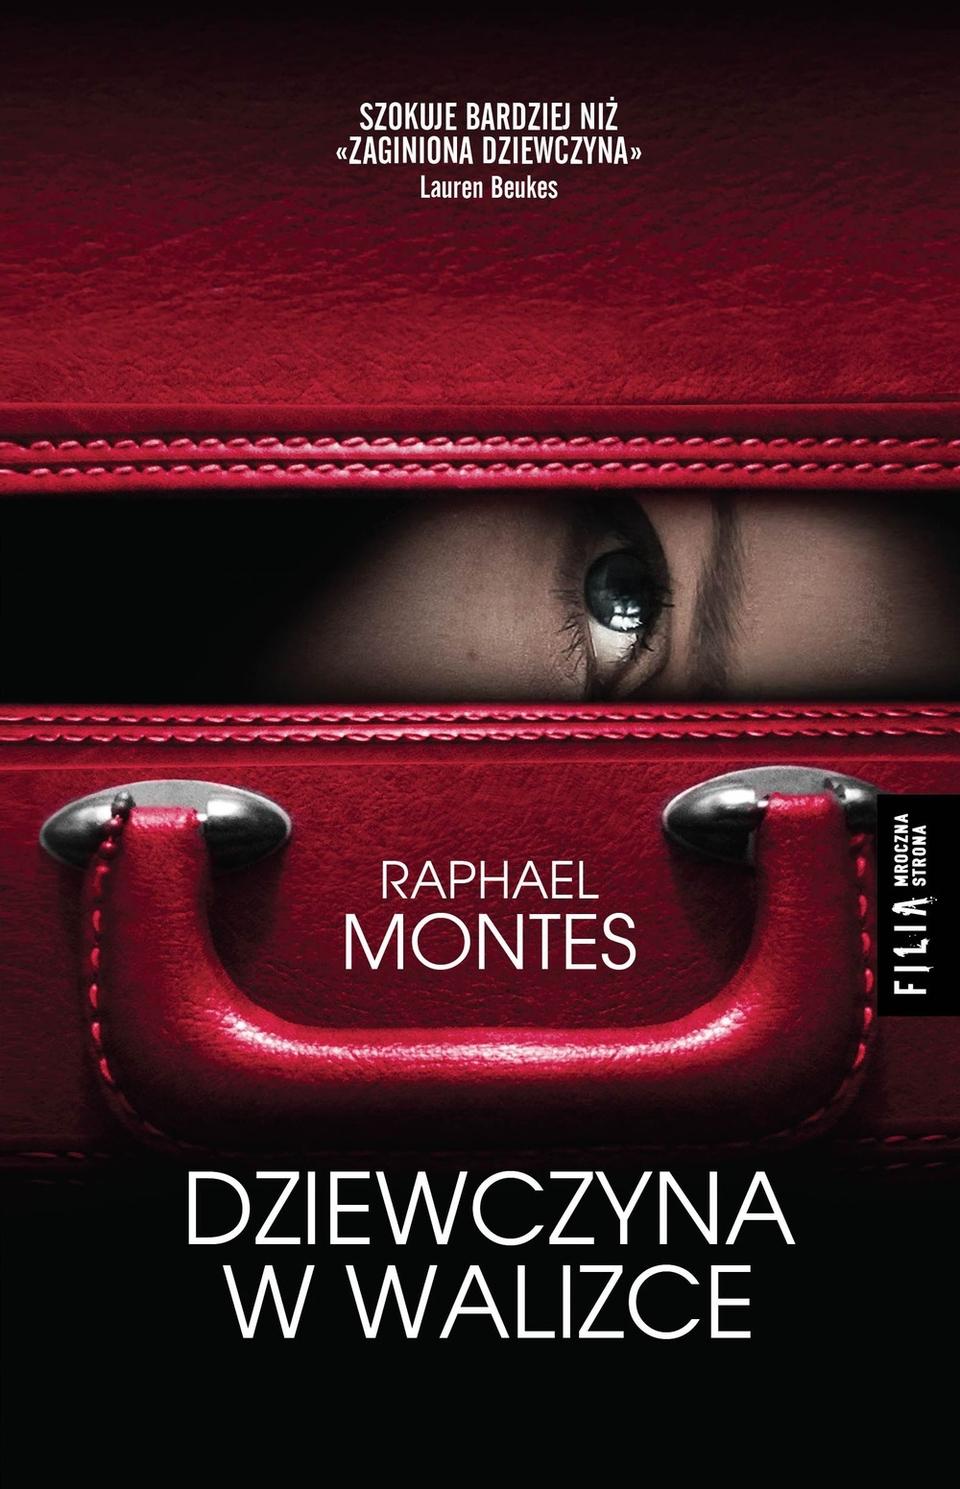 Montes Raphael – Dziewczyna W Walizce